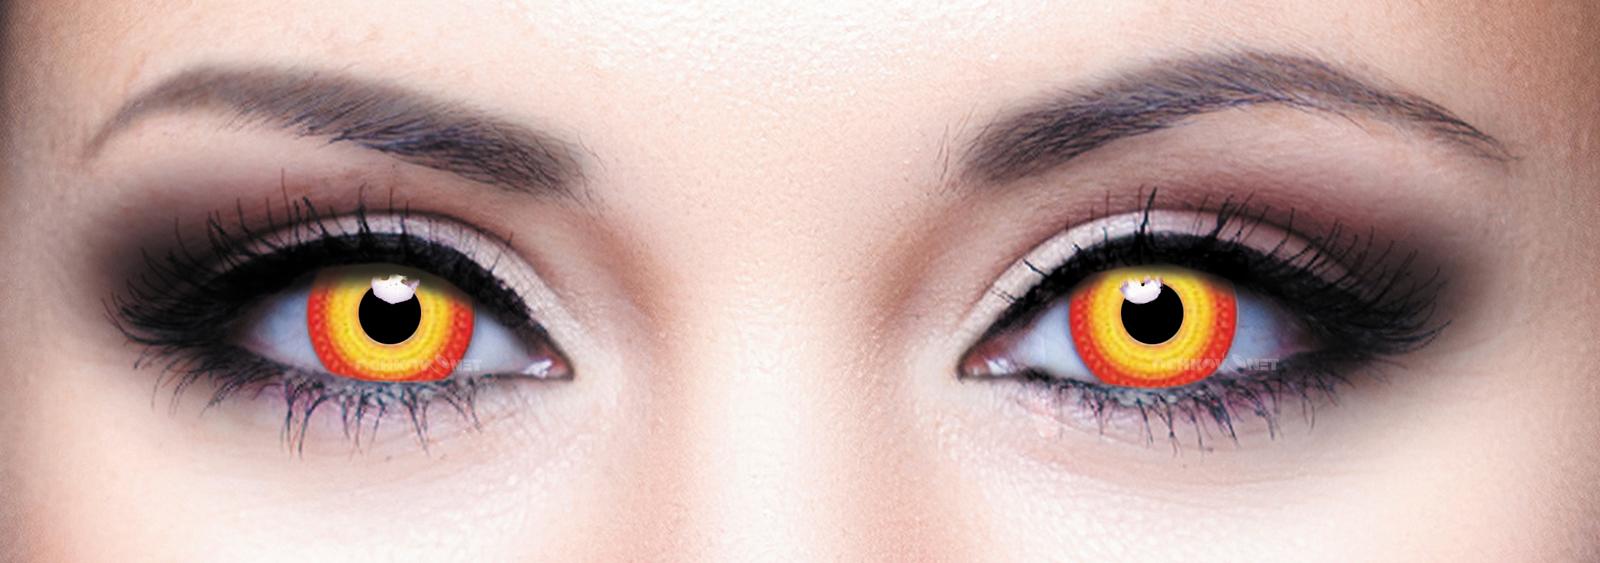 Контактные линзы Eye Free Colors 011 Протуберанец 2 линзы